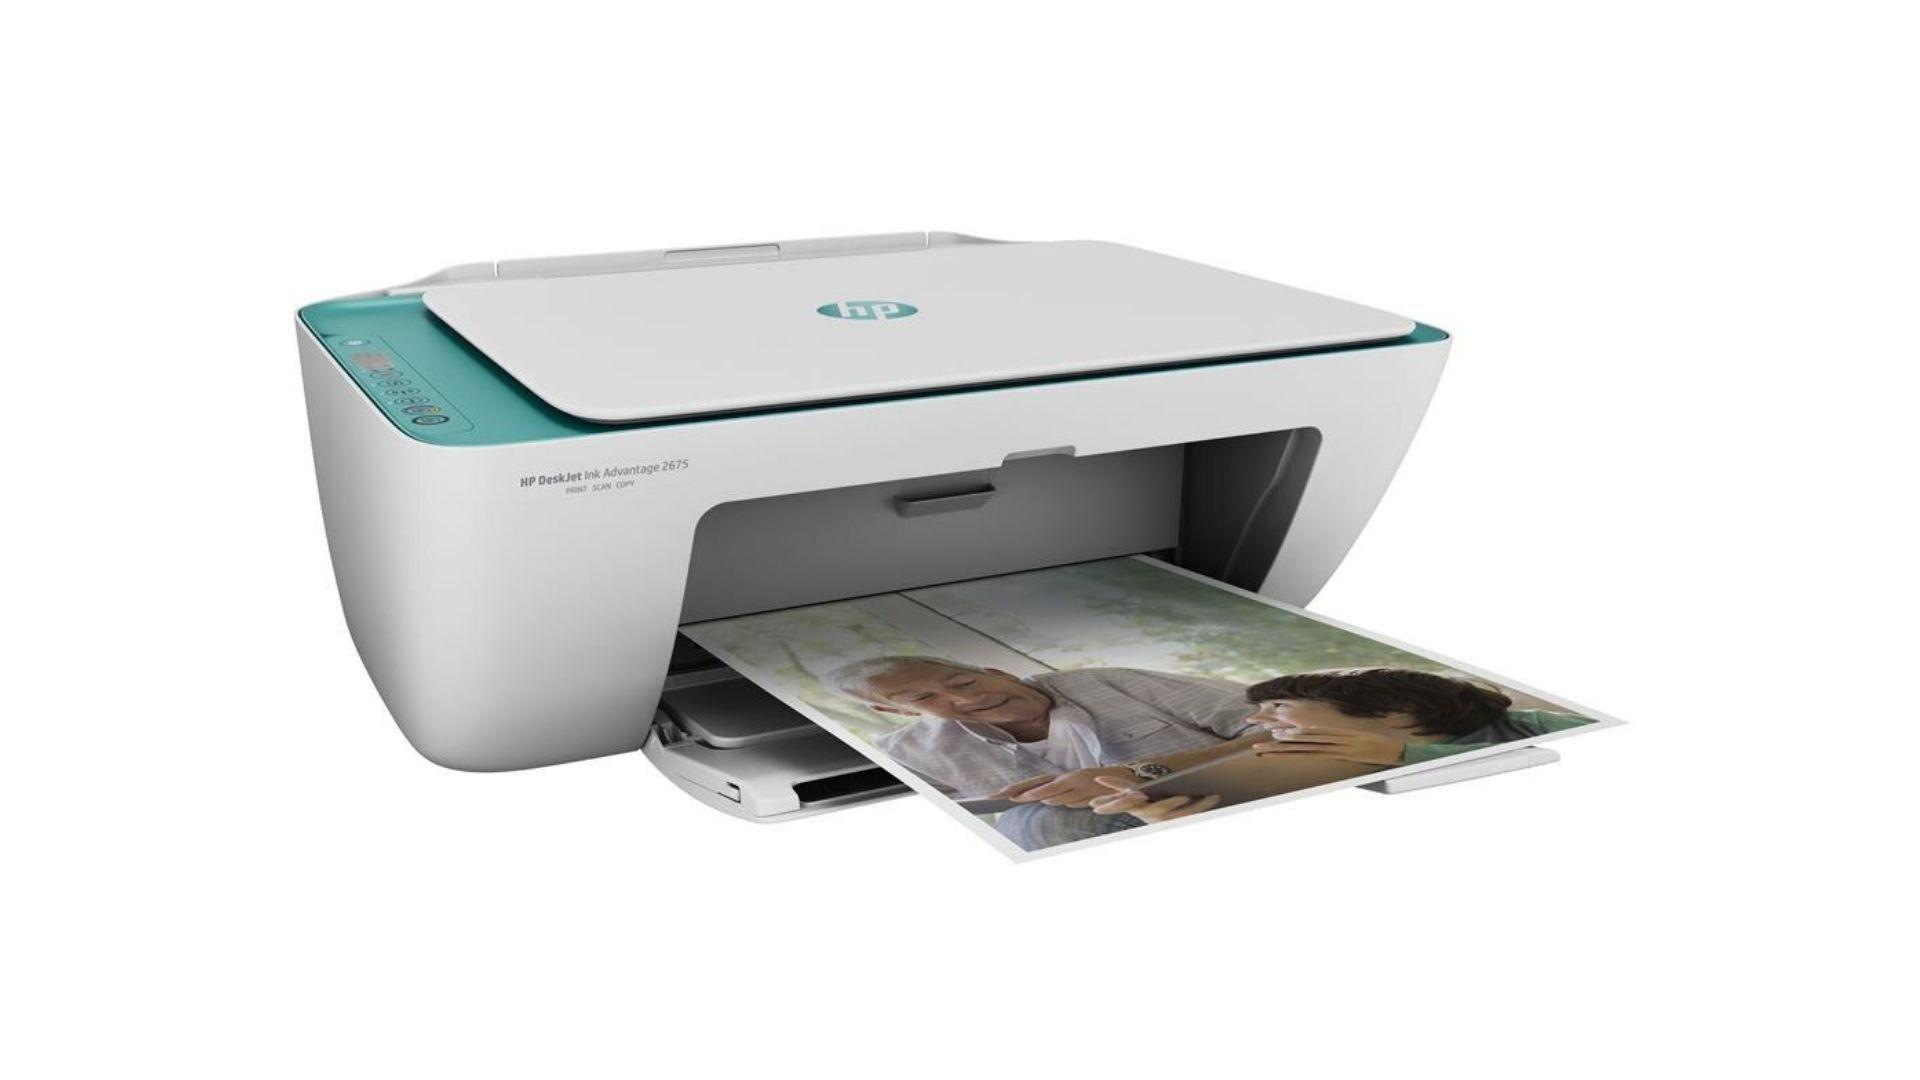 Imagem da frente da impressora HP 2676